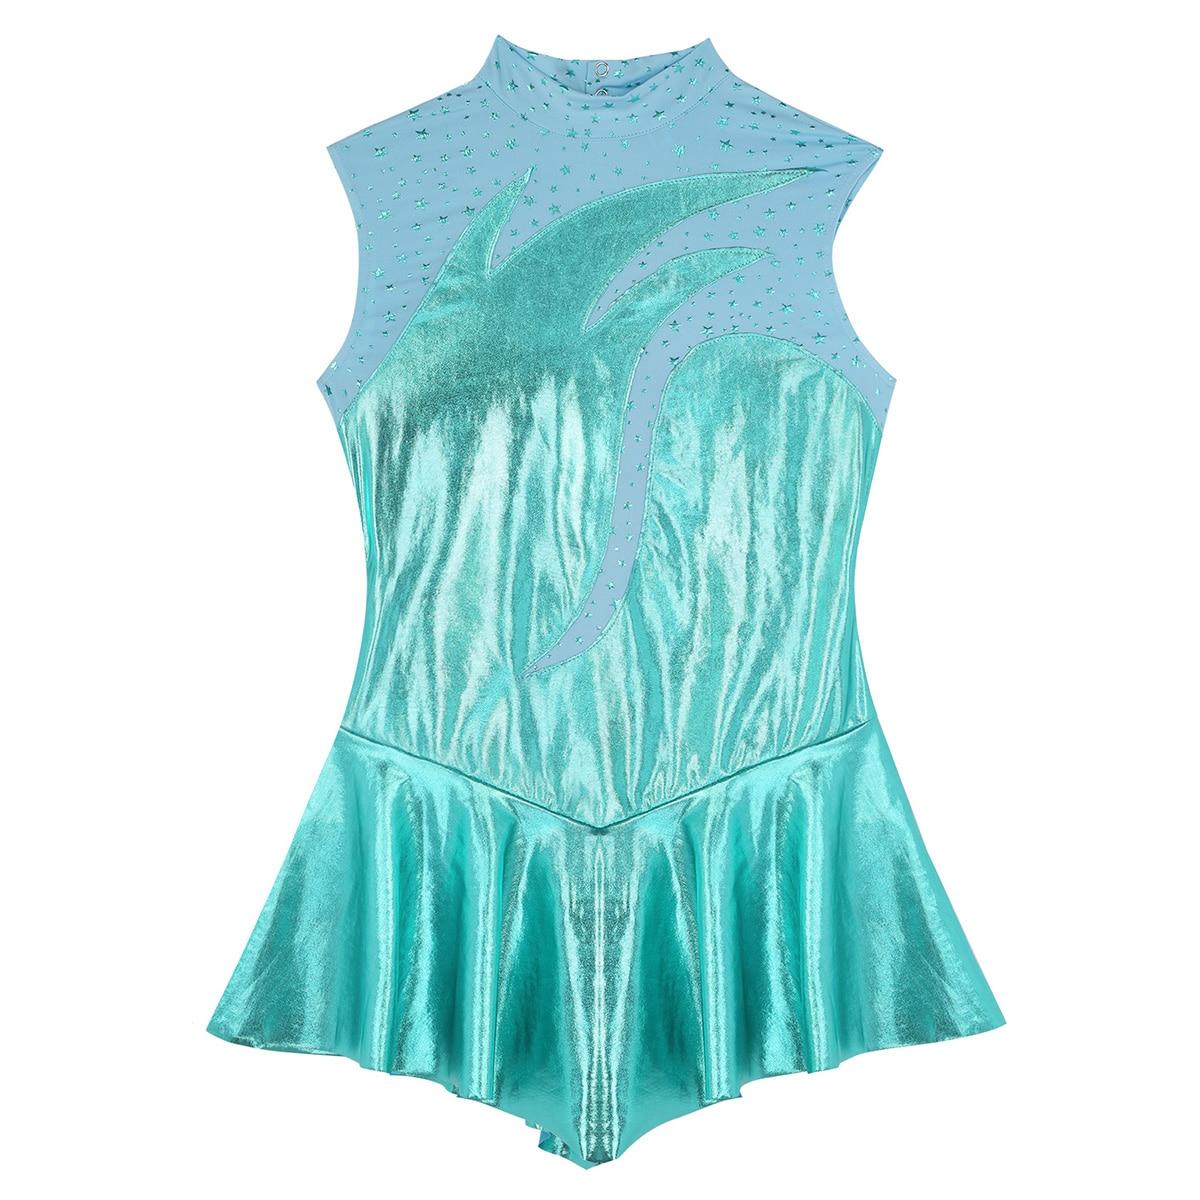 Image 5 - Мода для женщин и взрослых, для девочек, блестящее металлическое платье с высоким воротом, без рукавов, с замочной скважиной на спине, для катания на коньках, балетное платье, гимнастический купальникБалет    АлиЭкспресс